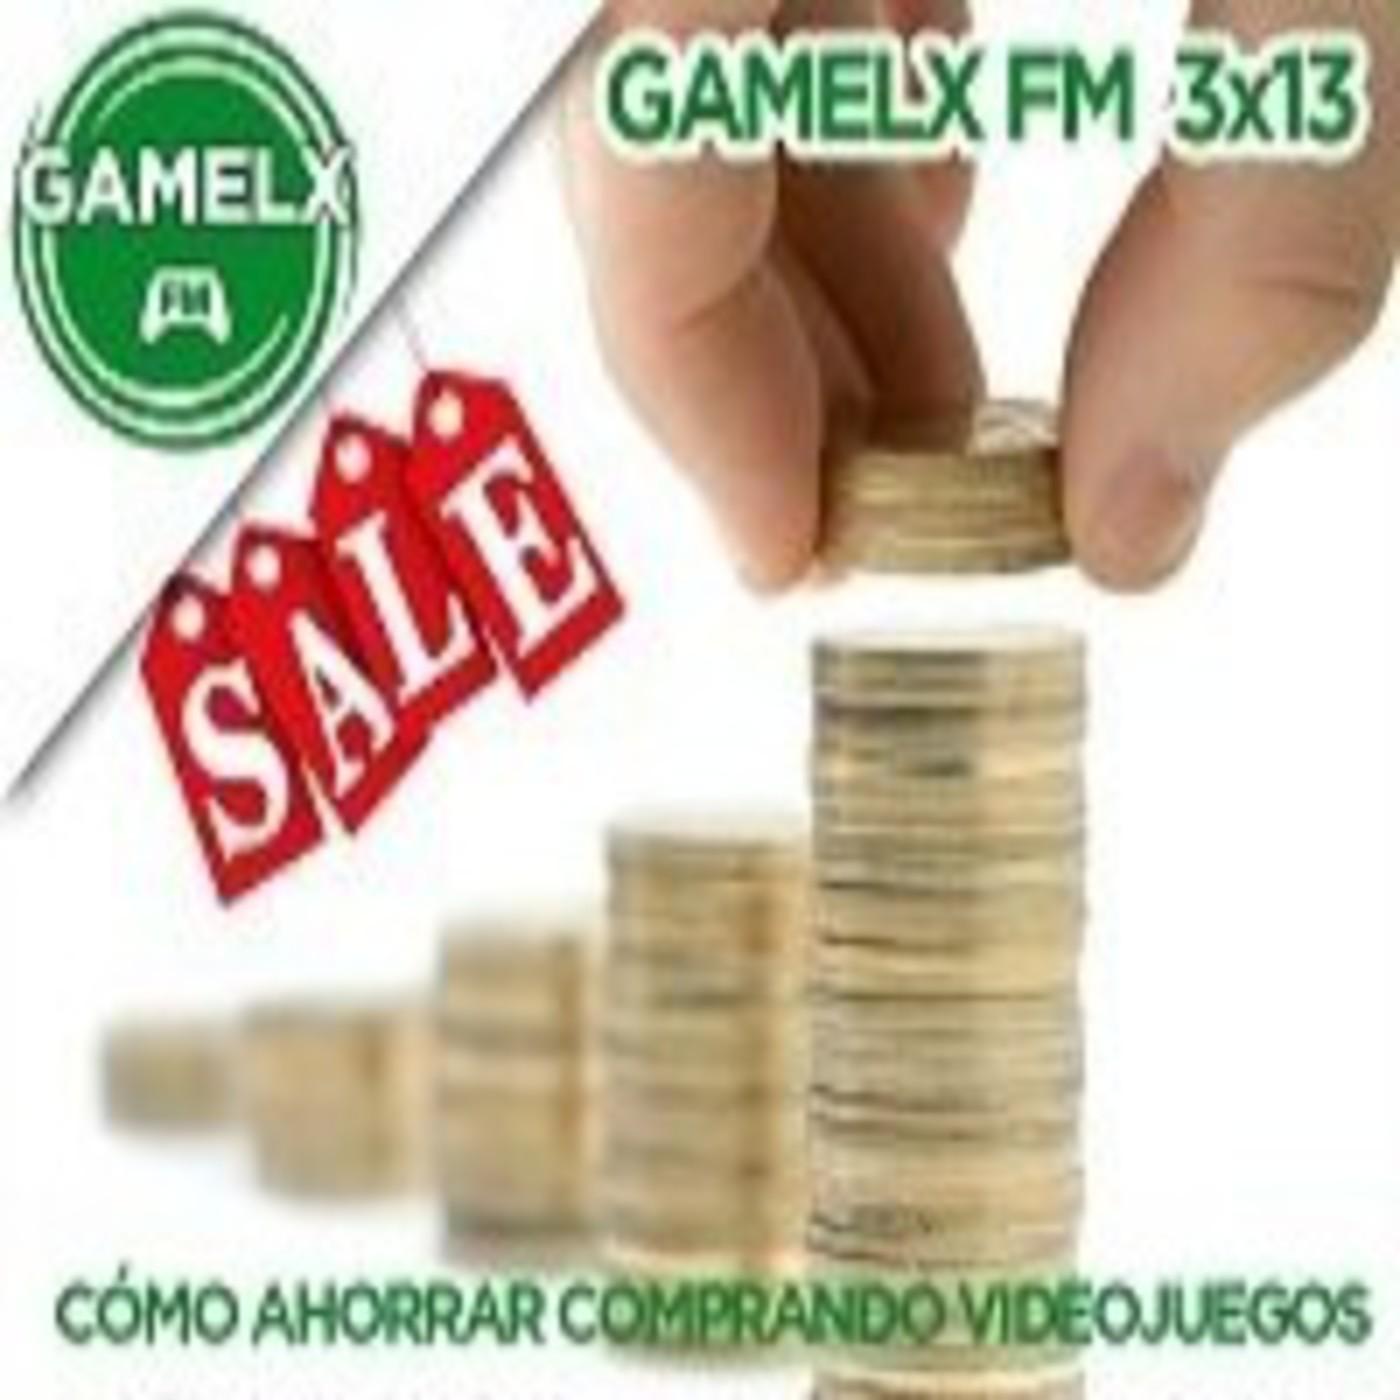 GAMELX FM 3x13 - Cómo ahorrar comprando videojuegos